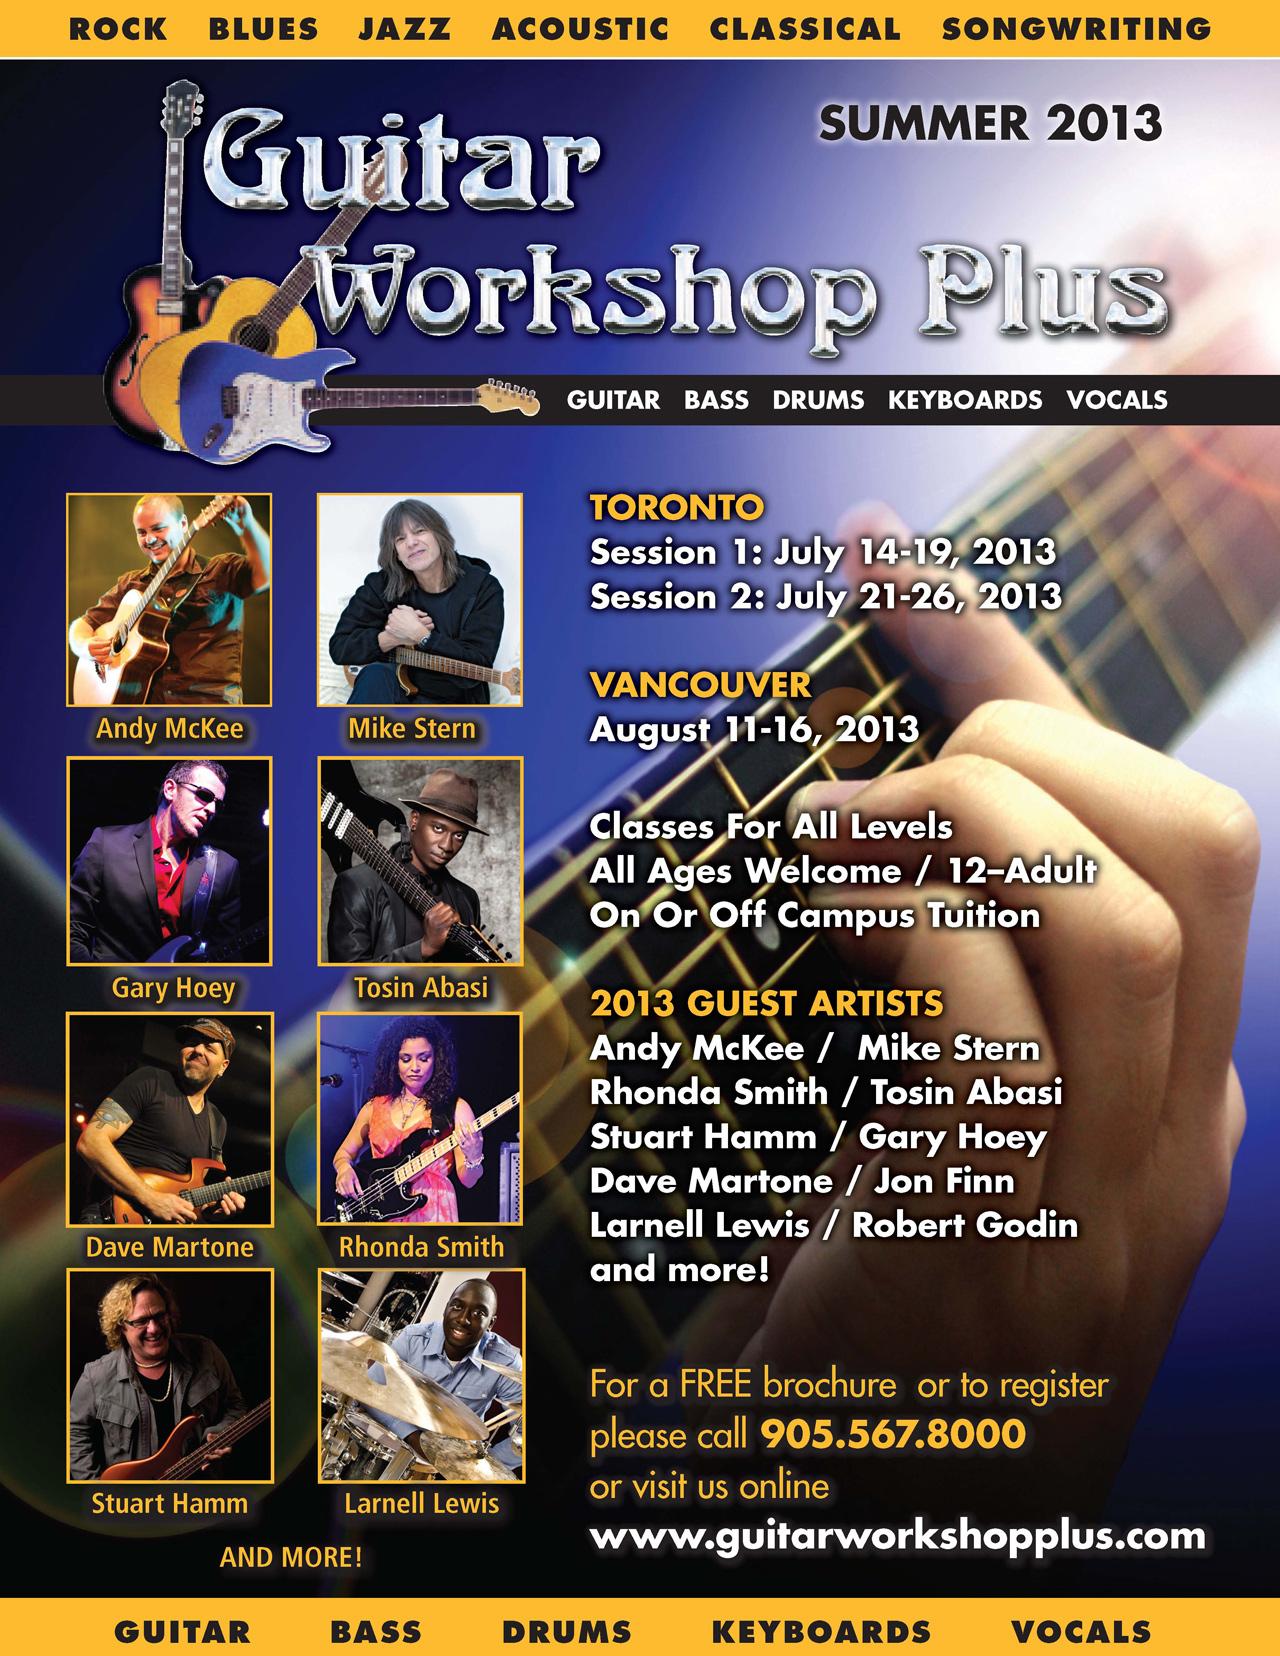 Guitar Workshop Plus Posters main